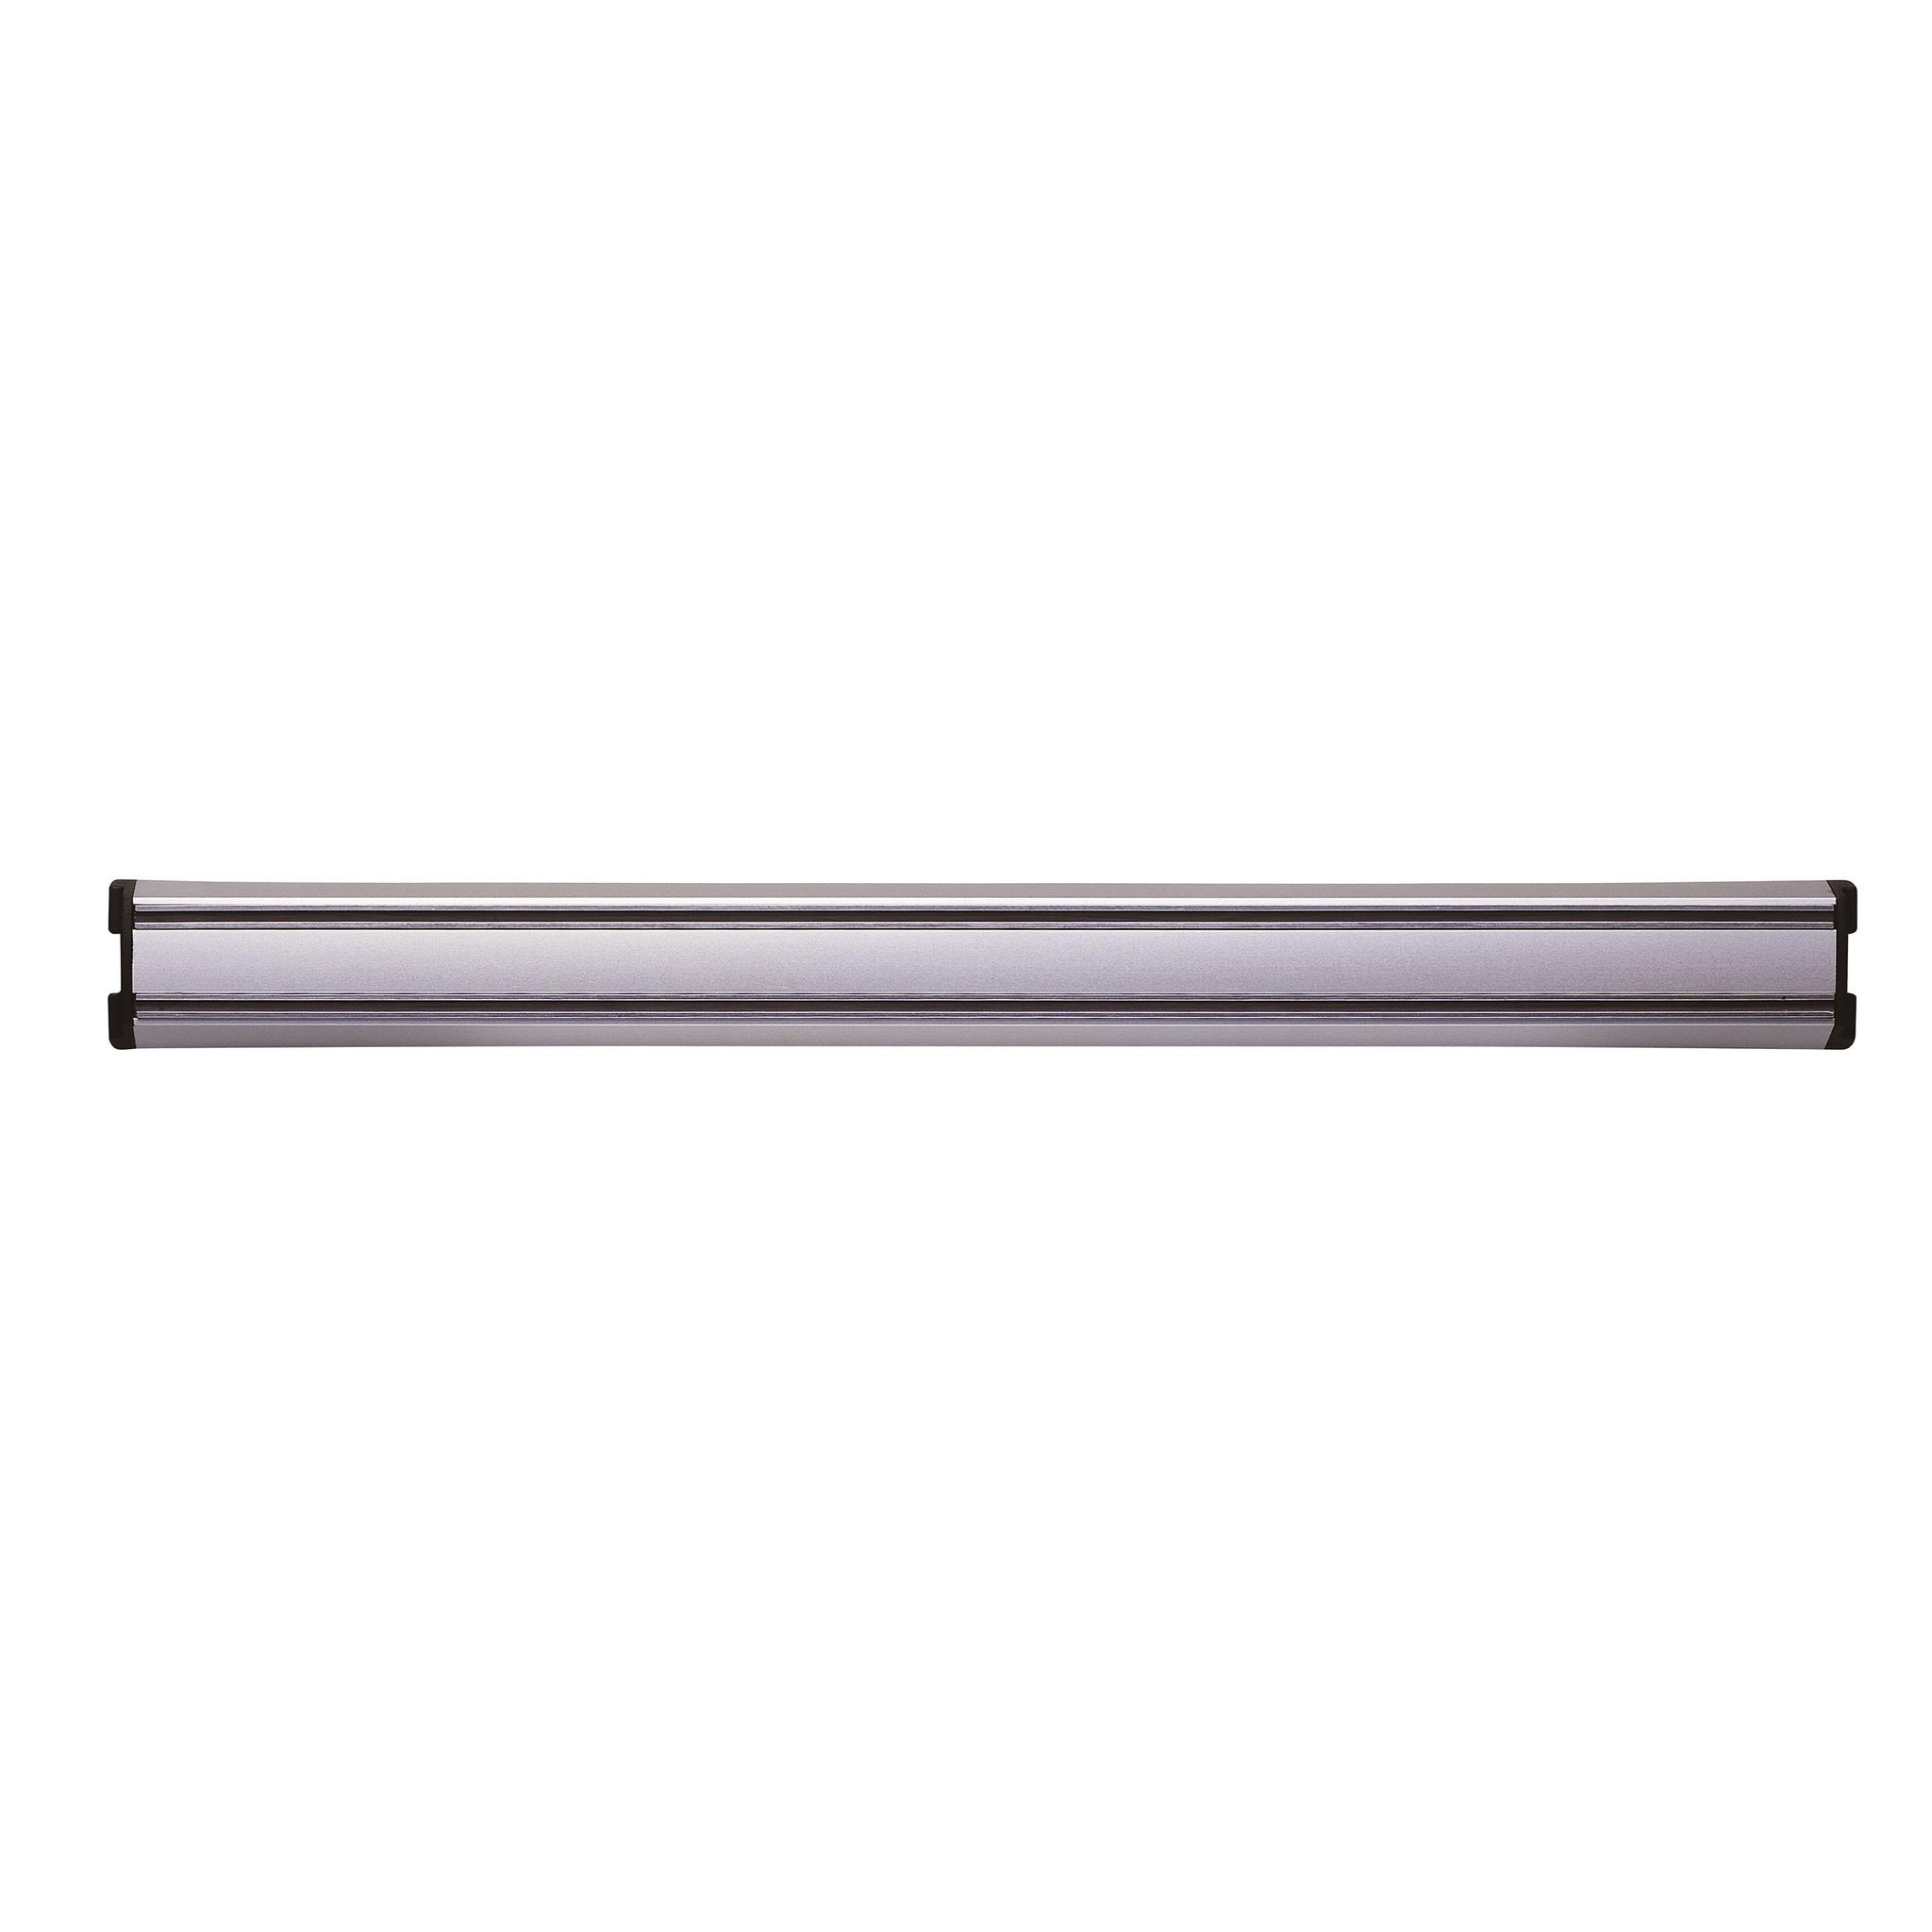 Держатель для кухонных ножей магнитный алюминиевый, 450 мм Zwilling 32622-450